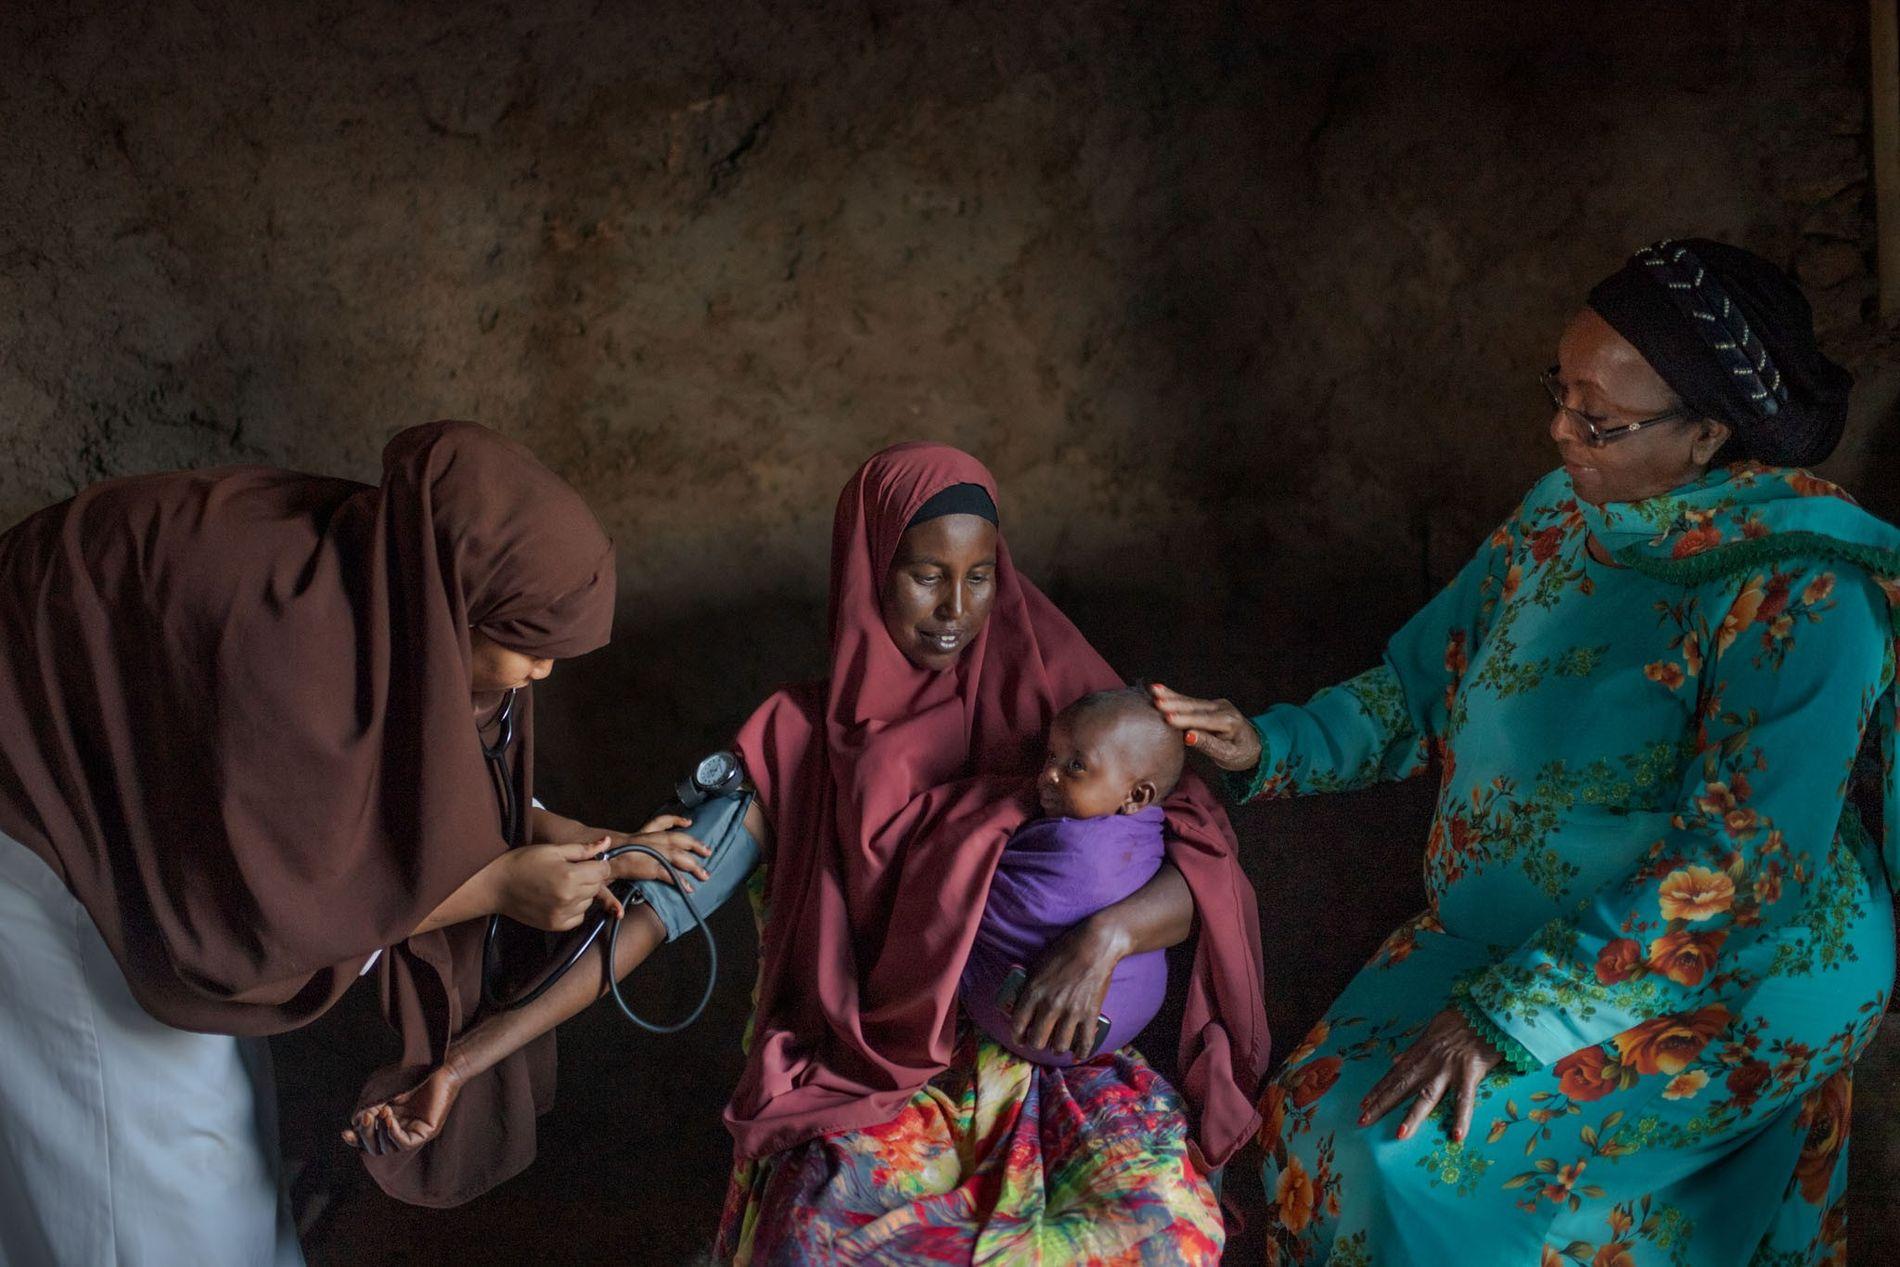 Sentindo tonturas e fraqueza, seis meses depois do parto, Zamzam Yousuf, de 35 anos, procurou uma ...